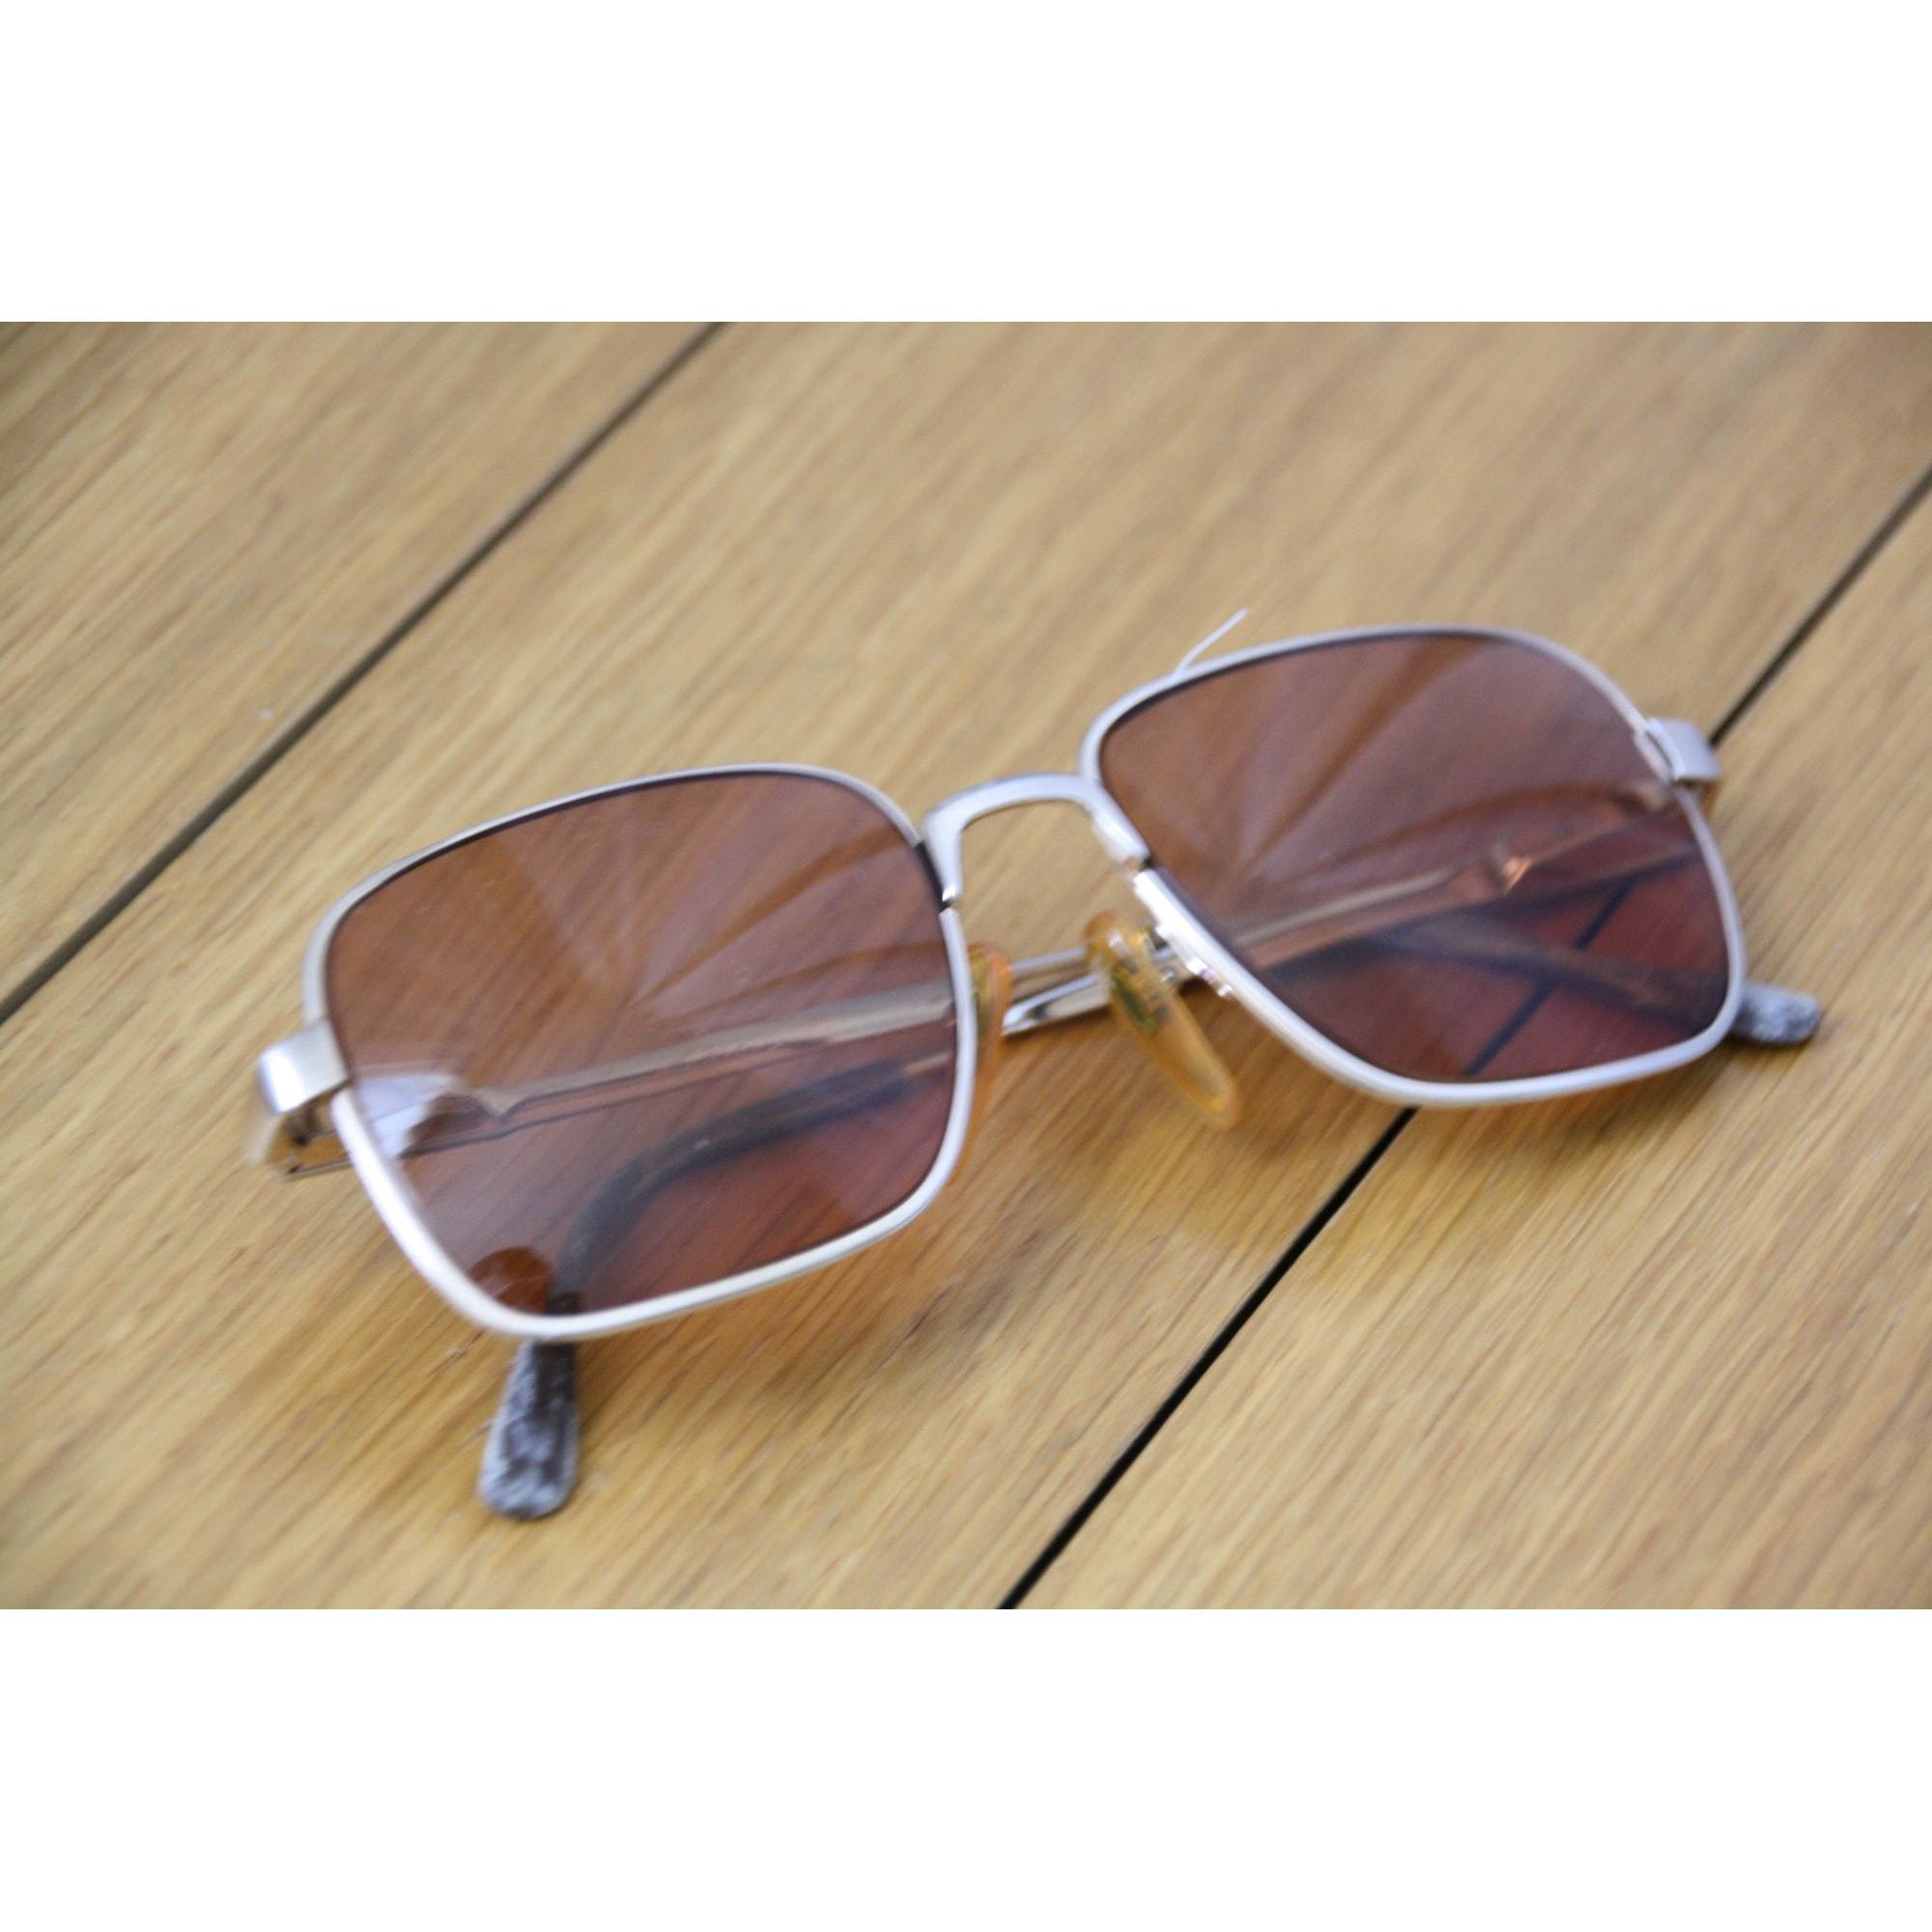 Eyeglass Frames EXECUTIVE COLLECTION Golden, bronze, copper